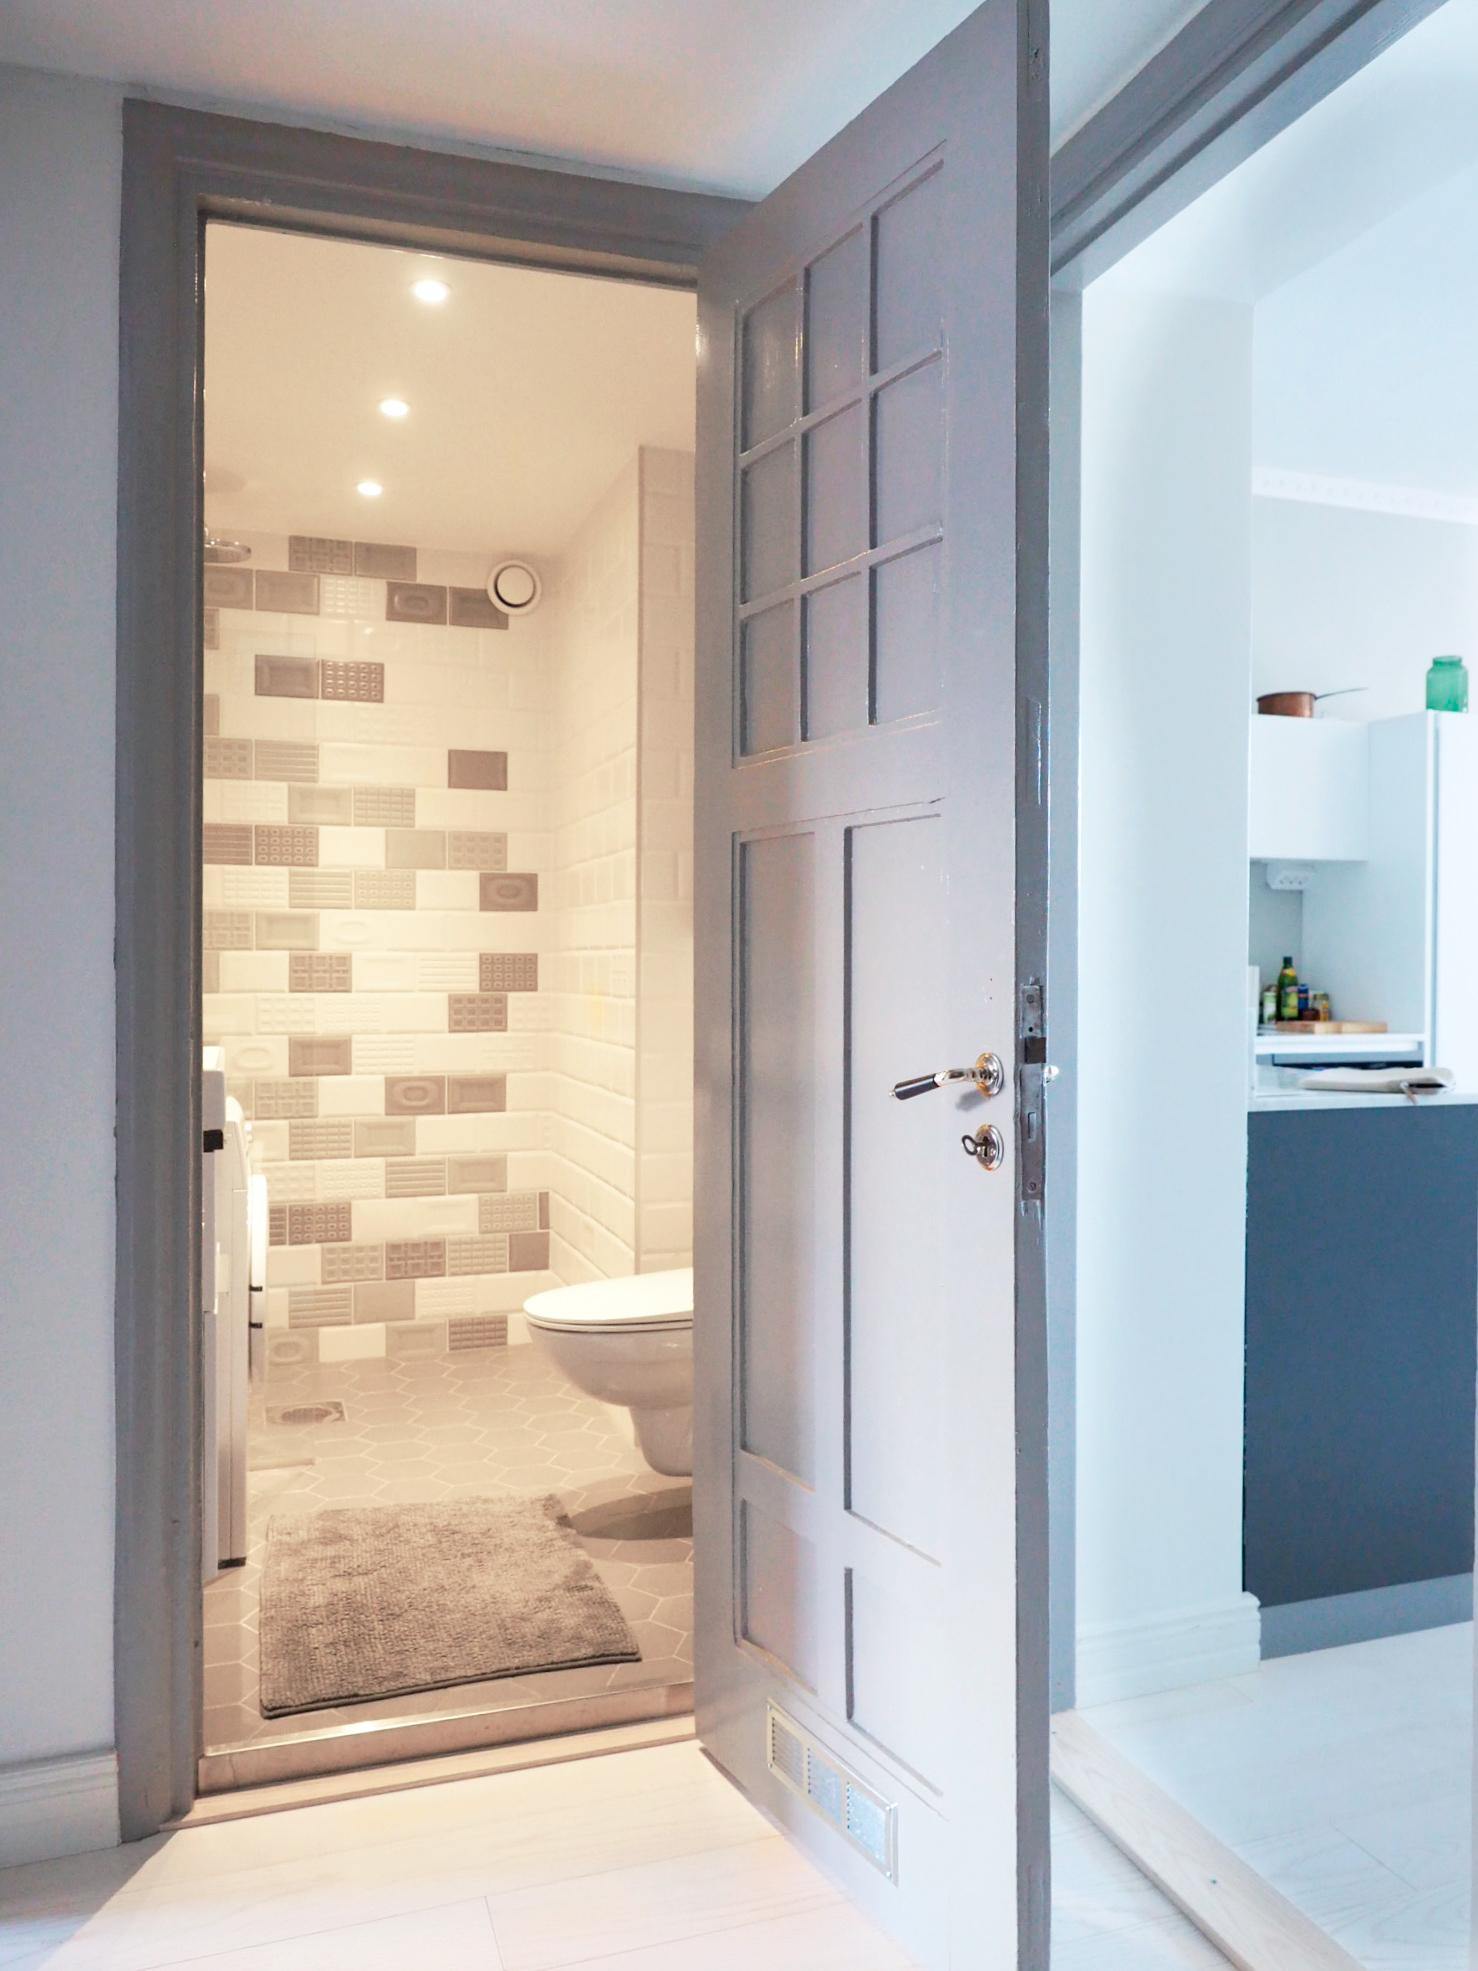 kaksion remontti, uudet laatat kylpyhuoneessa ja kunnostettu vanha ovi